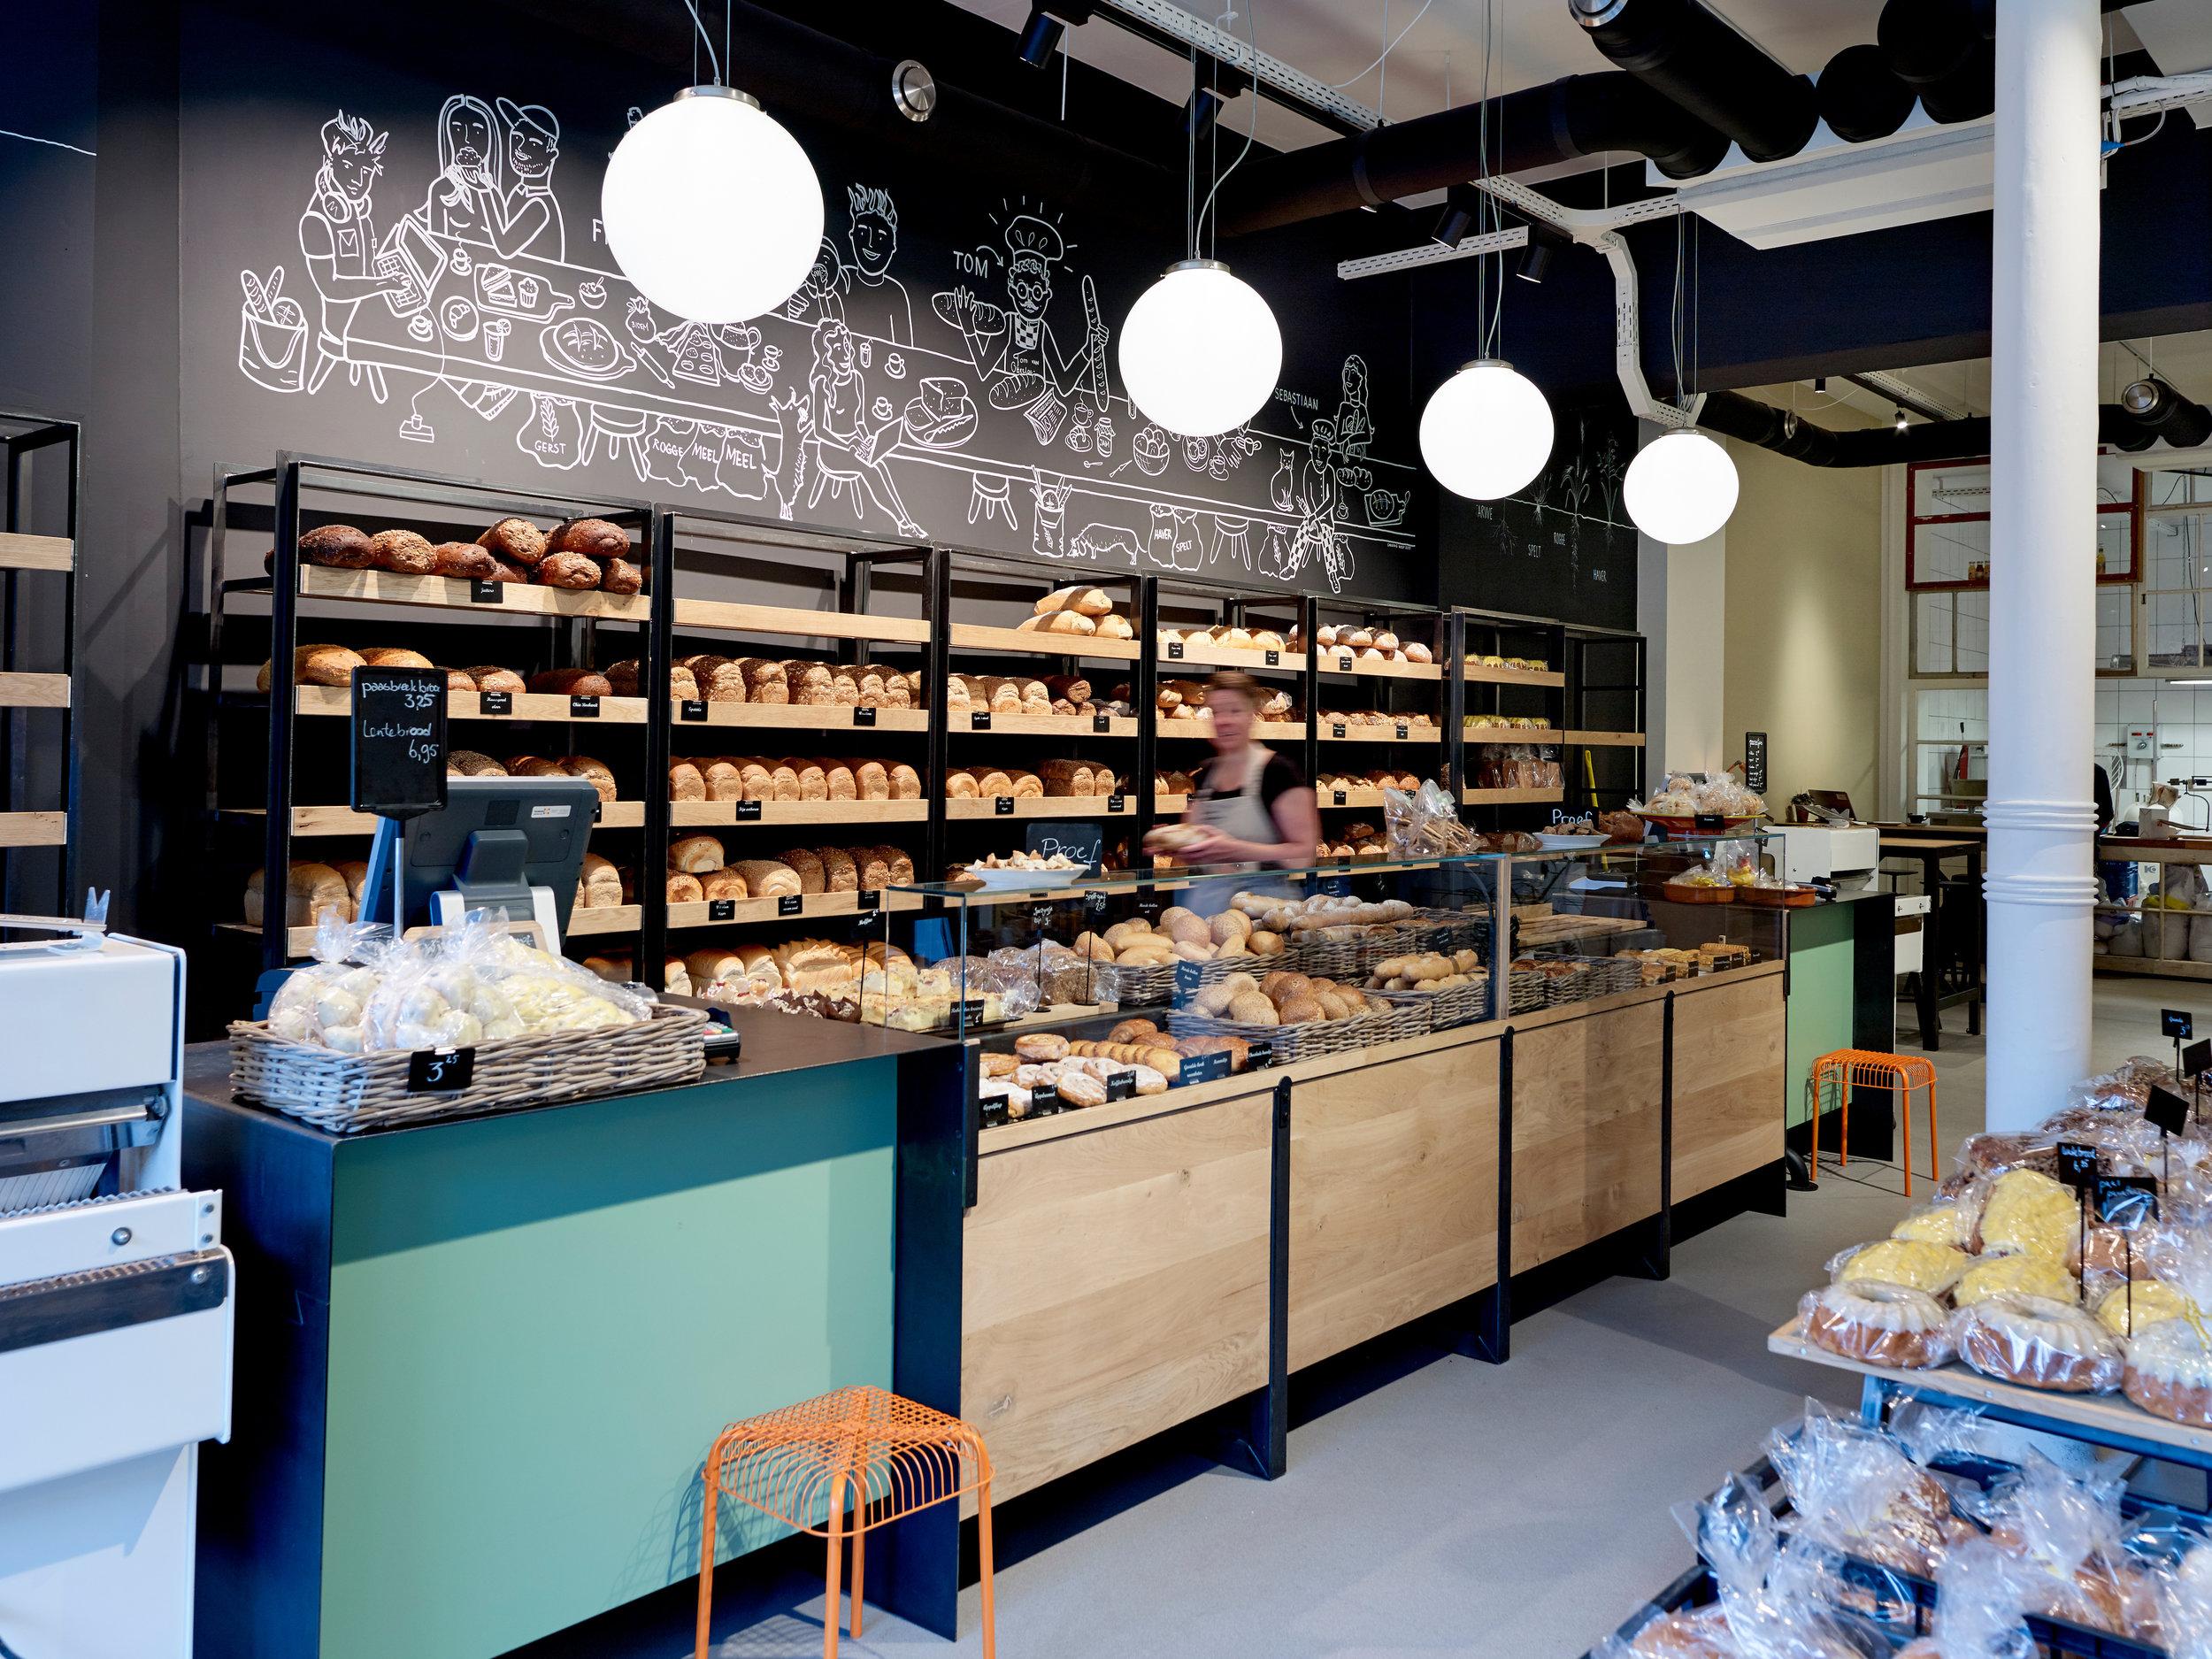 Bakkerij Tom van Otterloo - Bakkerij Tom van Otterloo werkt met een divers team medewerk(st)ers aan Puur ambachtelijk Brood & Meer. Goede smaak vinden wij het allerbelangrijkste. Brood moet lekker zijn. Wij bakken broden van verschillende (lokale) graansoorten en maken onze eigen desemculturen. Ons brood heeft hierdoor een eigen signatuur. Ook voor ontbijt, lunch of koffie met een lekkernij bent u van harte welkom!www.bakkerijtomvanotterloo.nl